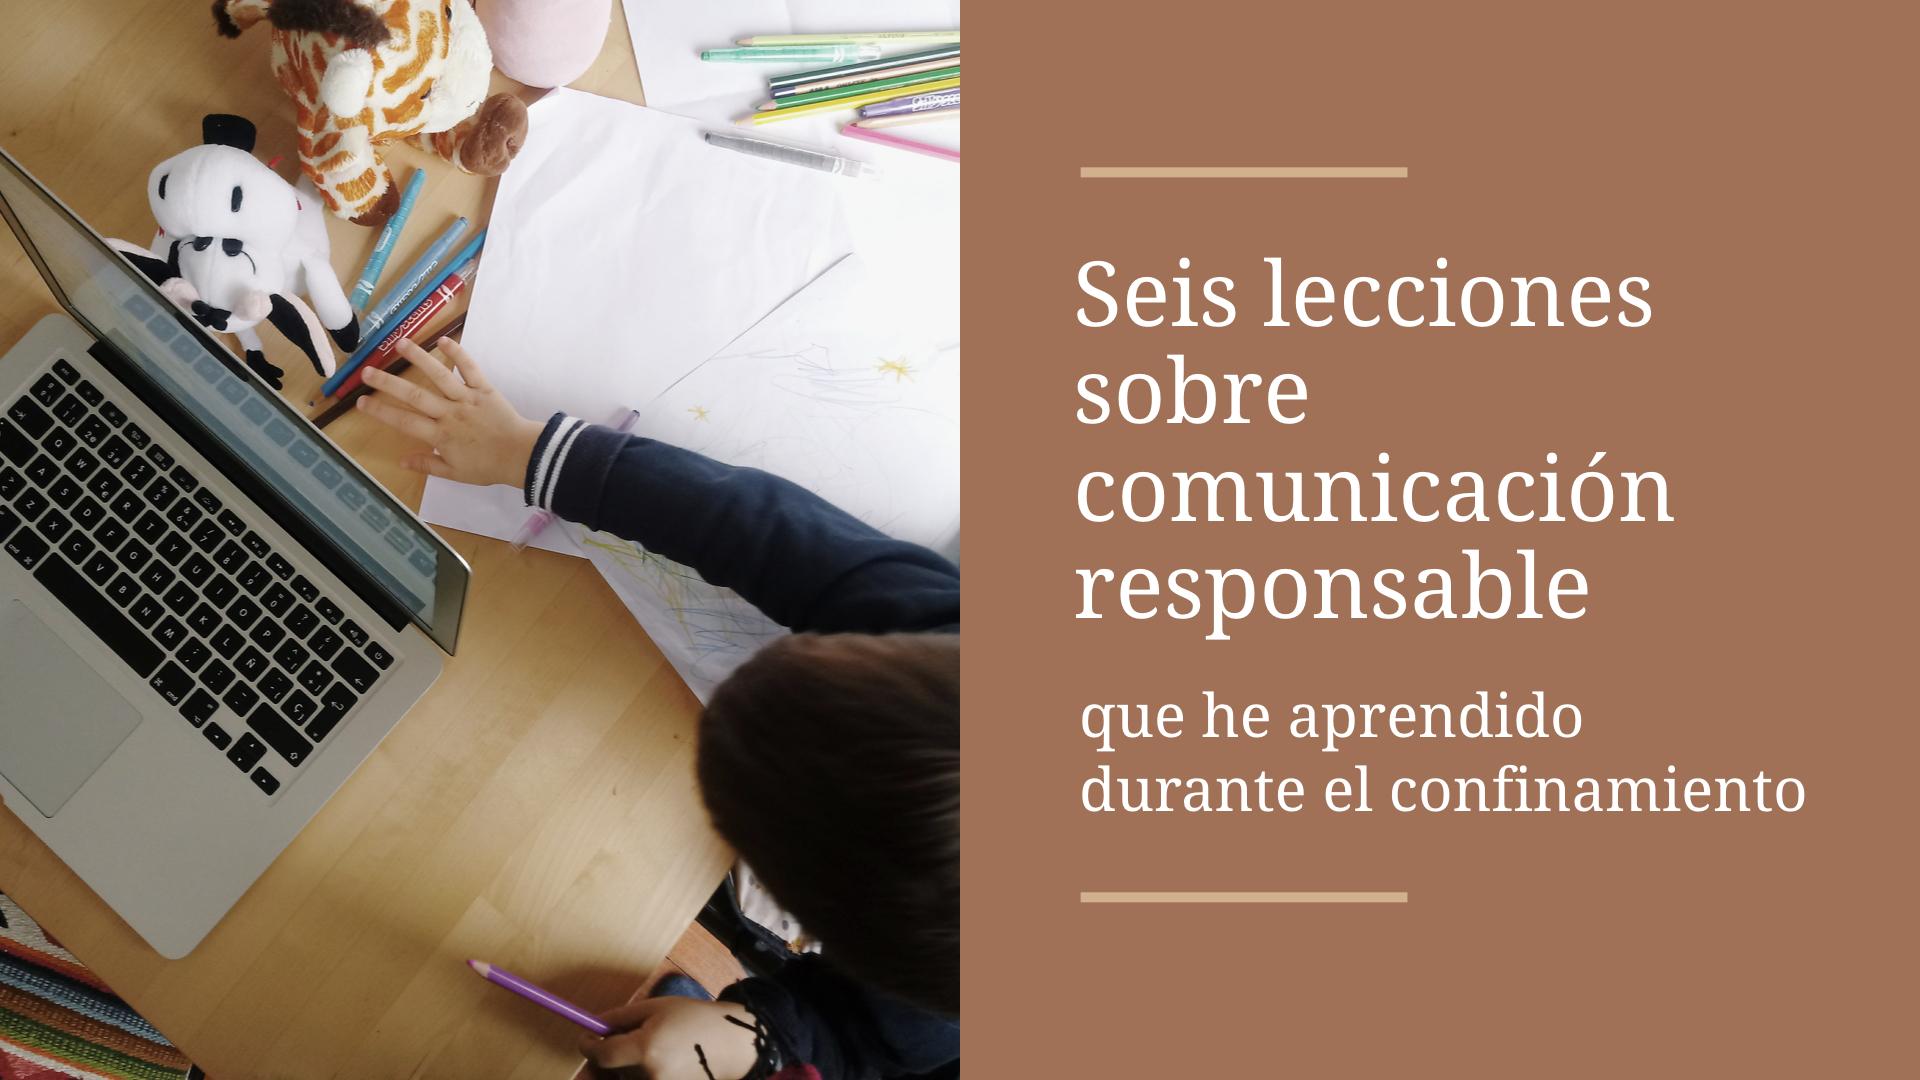 Seis lecciones sobre comunicación responsable que he aprendido en el confinamiento